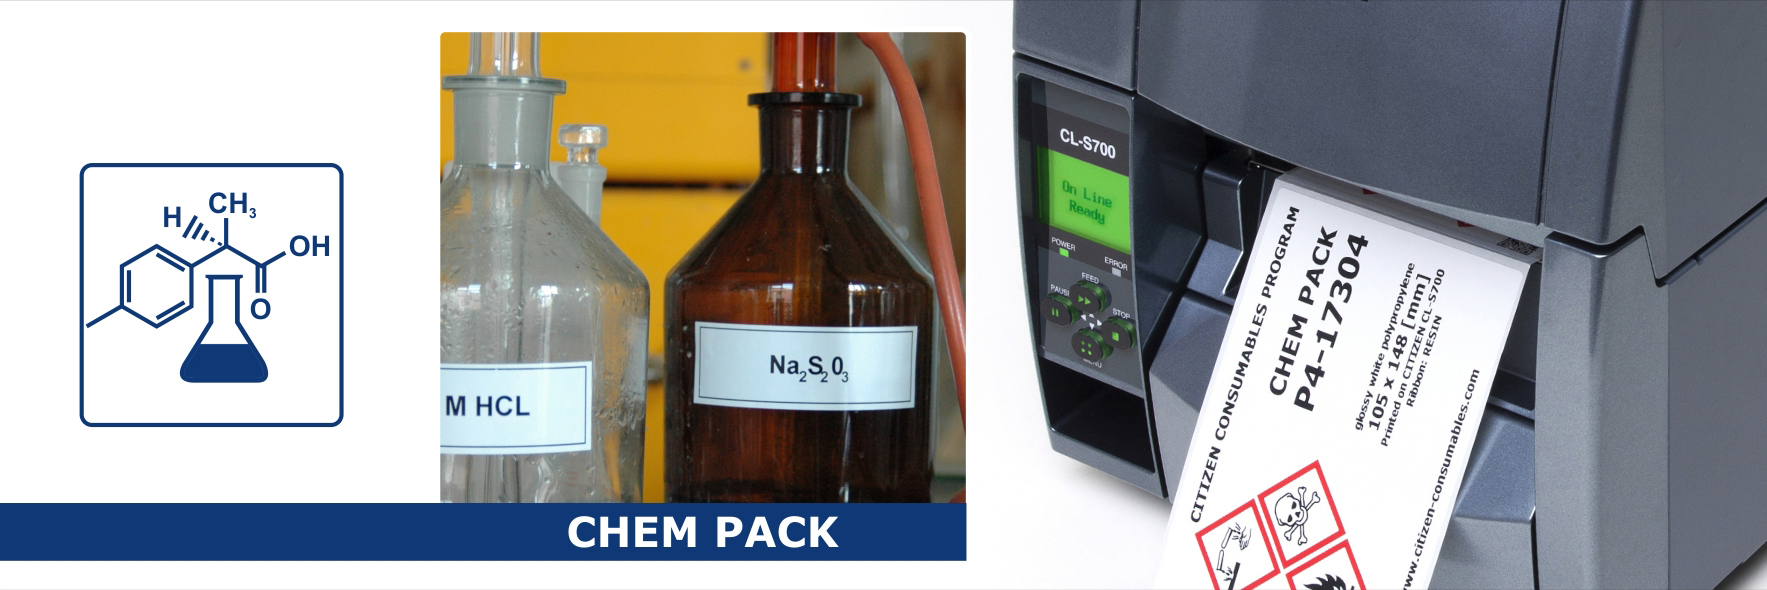 Chem Pack – dedykowane rozwiązanie dla oznaczeń w branży chemicznej